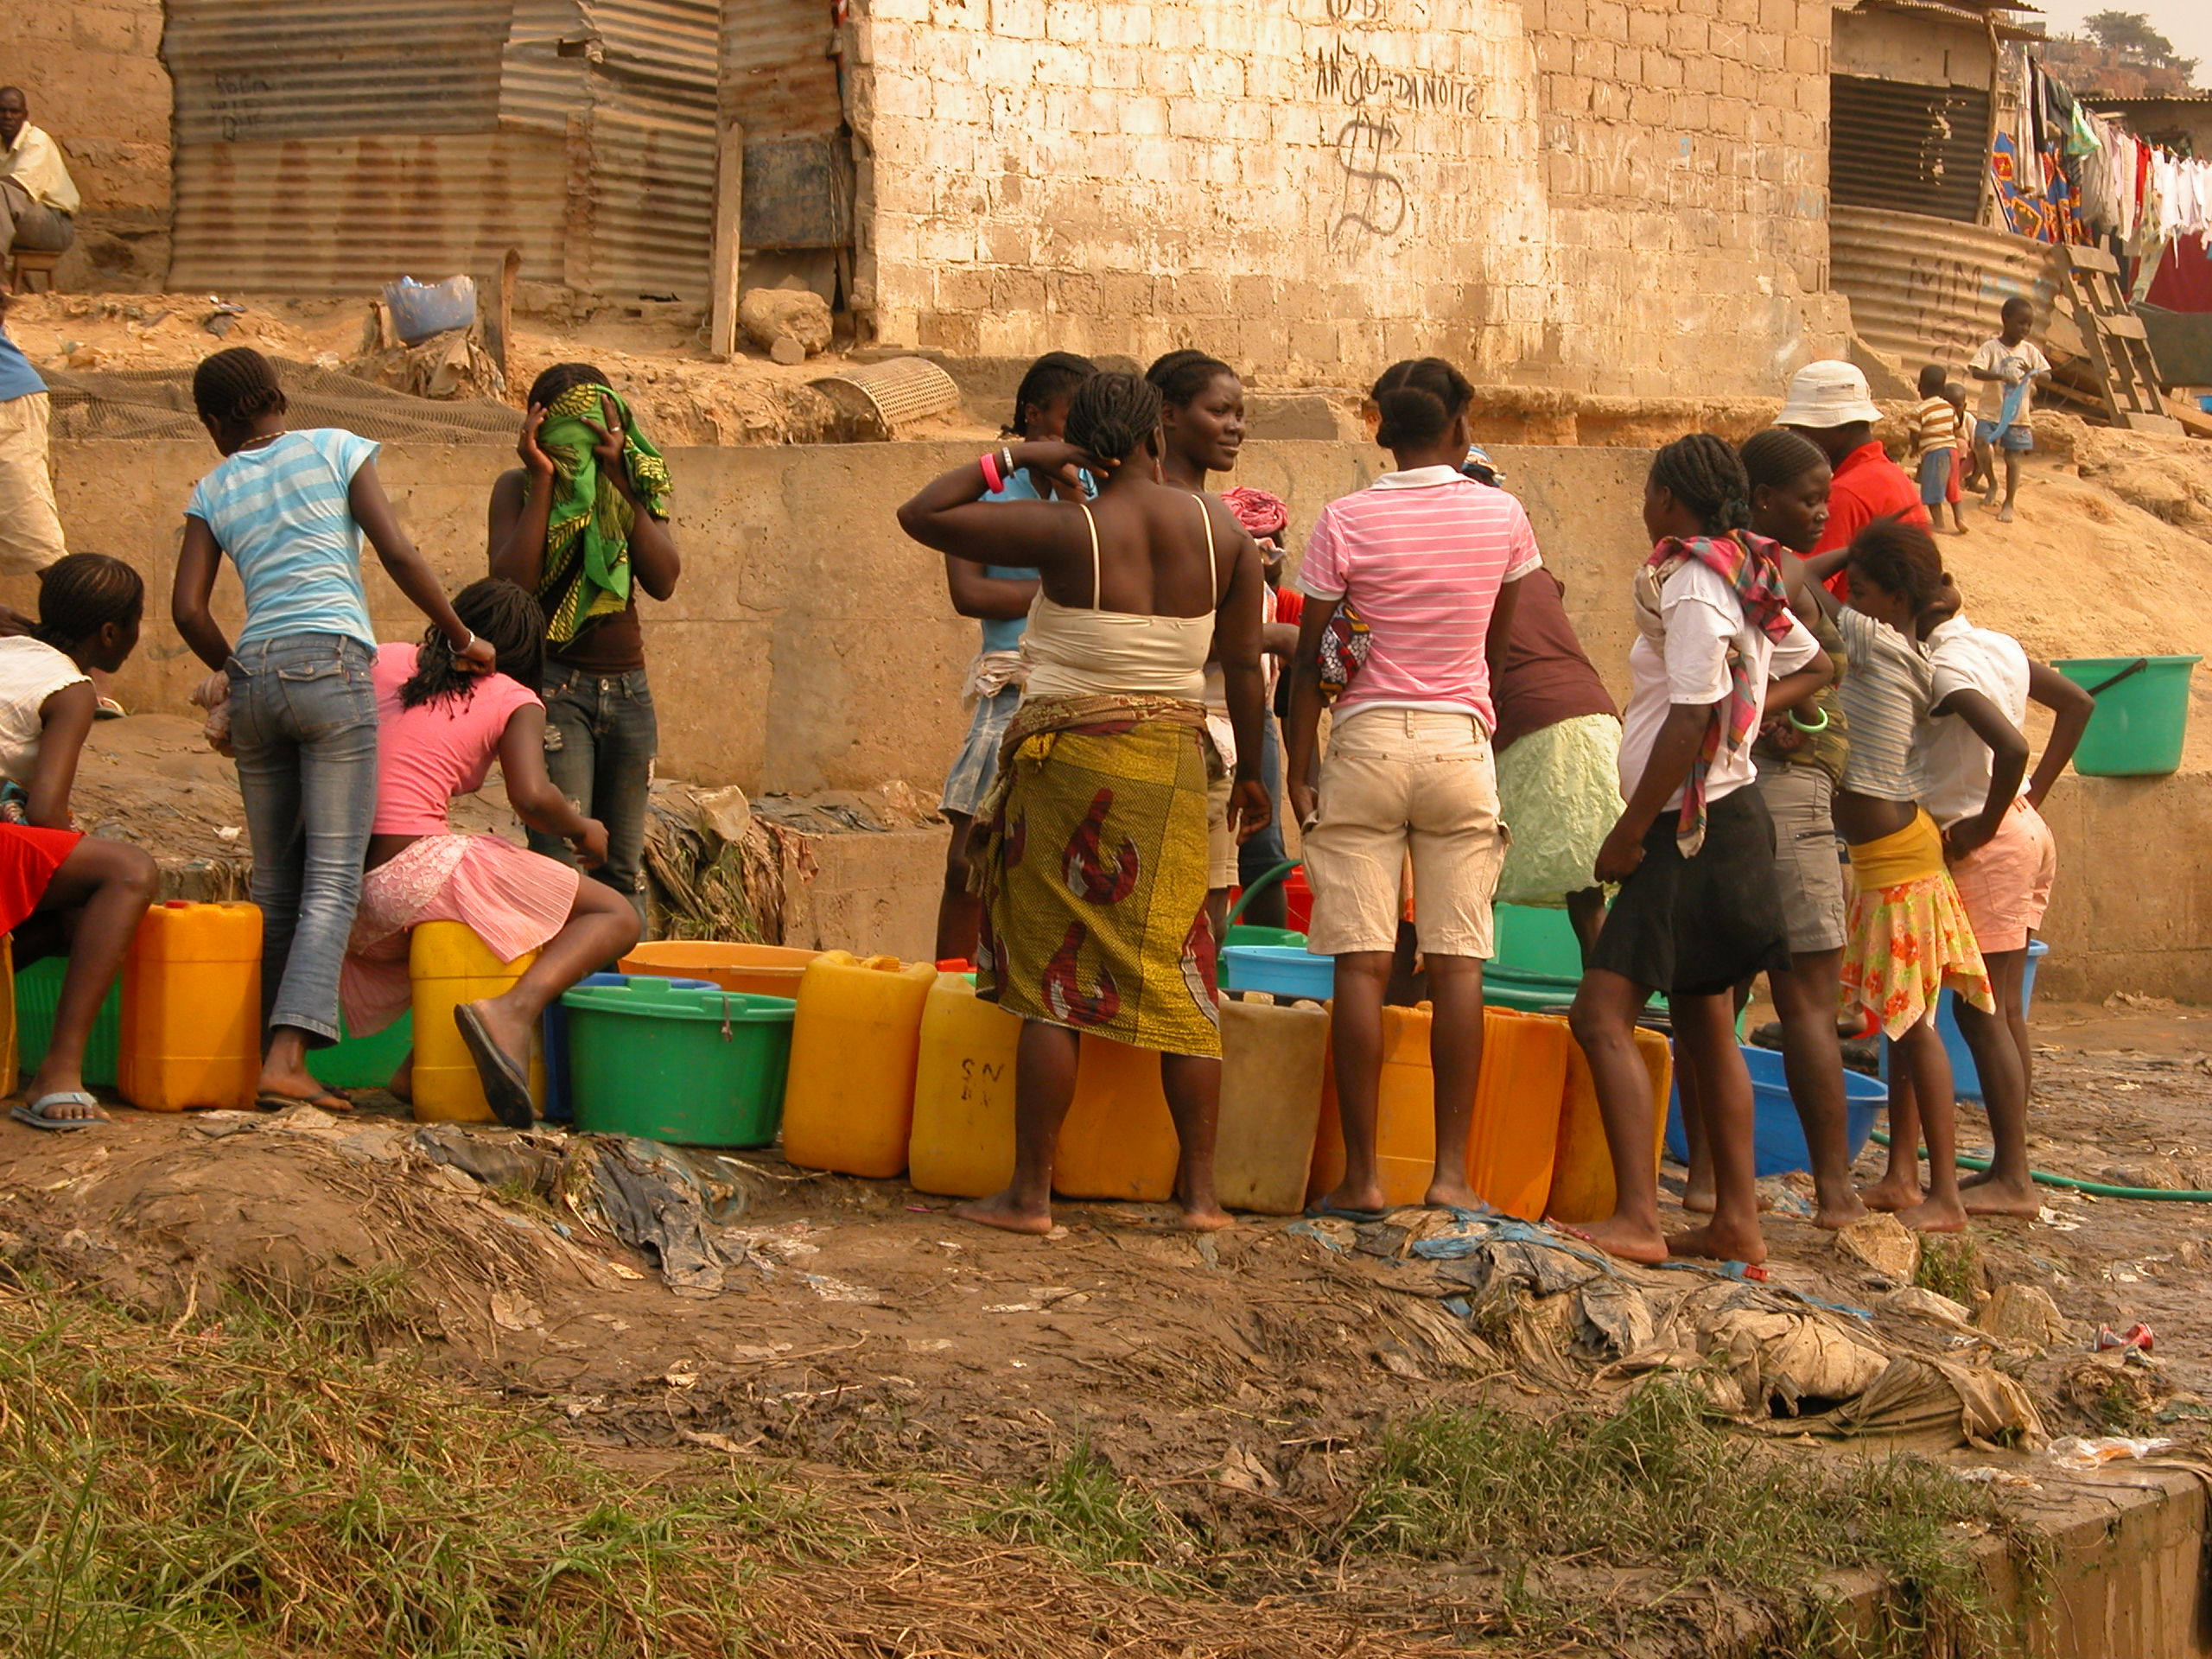 Kvinner venter på vann, Angola_IRIN